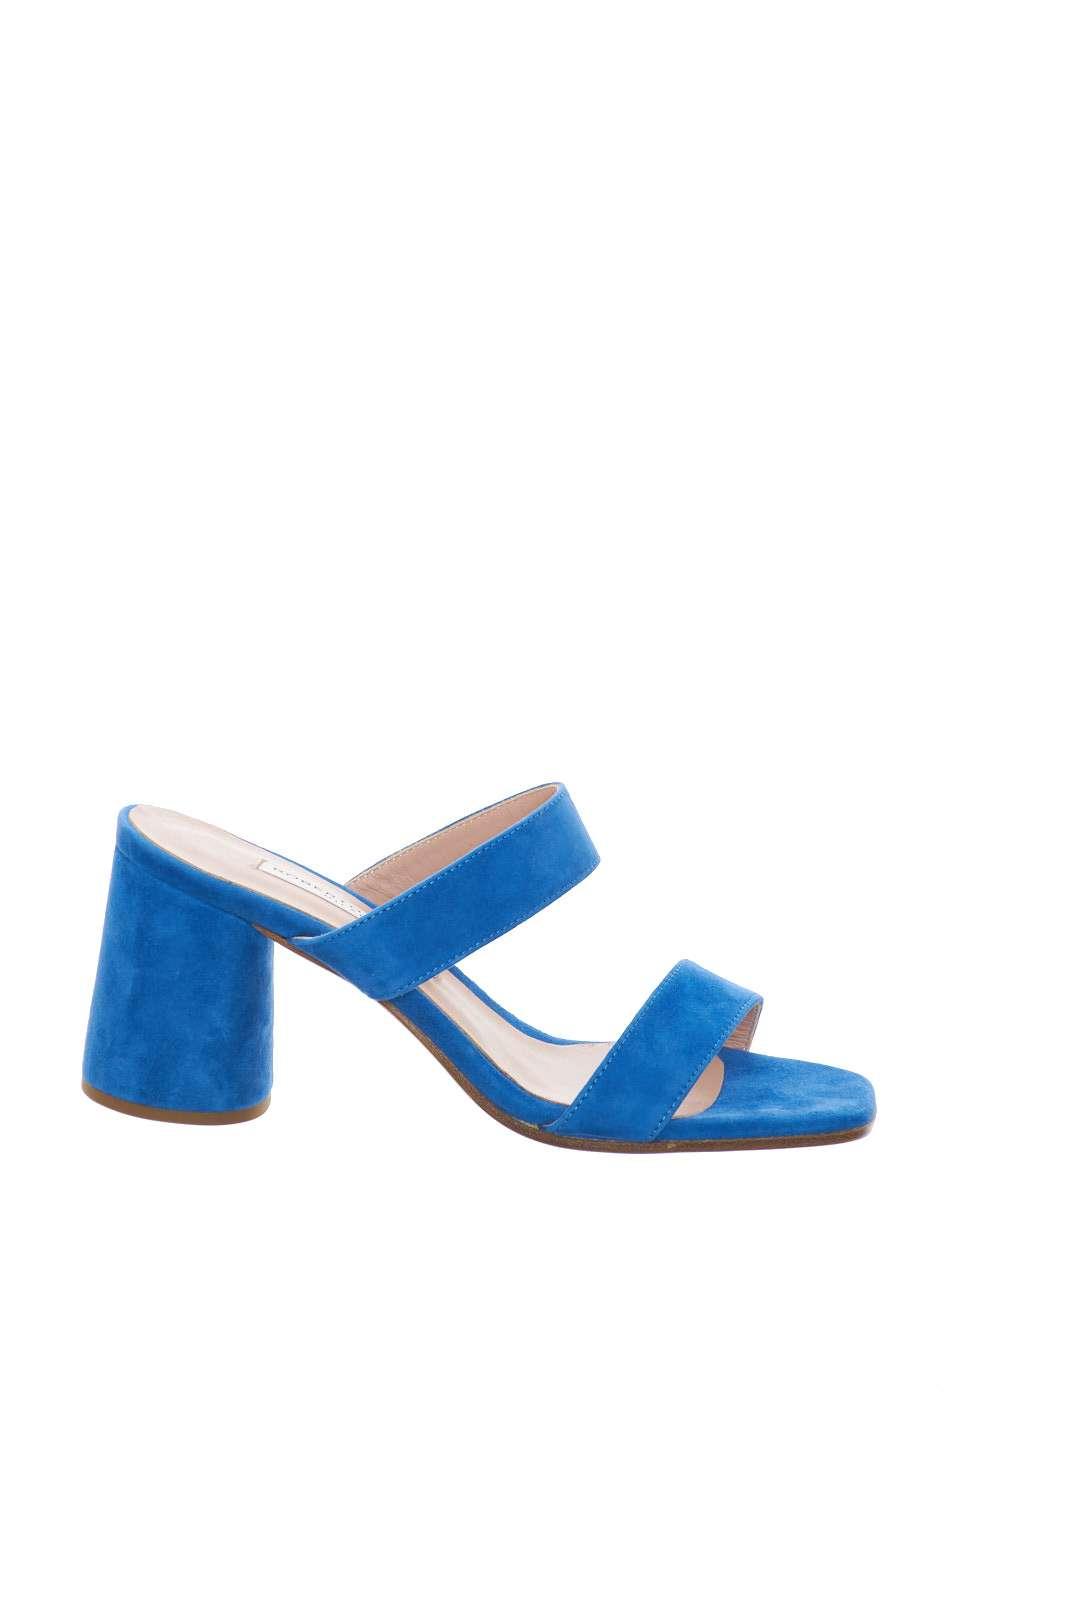 Un sandalo colorato e trendy, perfetto per outfit primaverili accesi e sgargianti.  Ideale per essere abbinato a vestitini o pantaloni cropped, per andare a completare look fashion e vivaci.